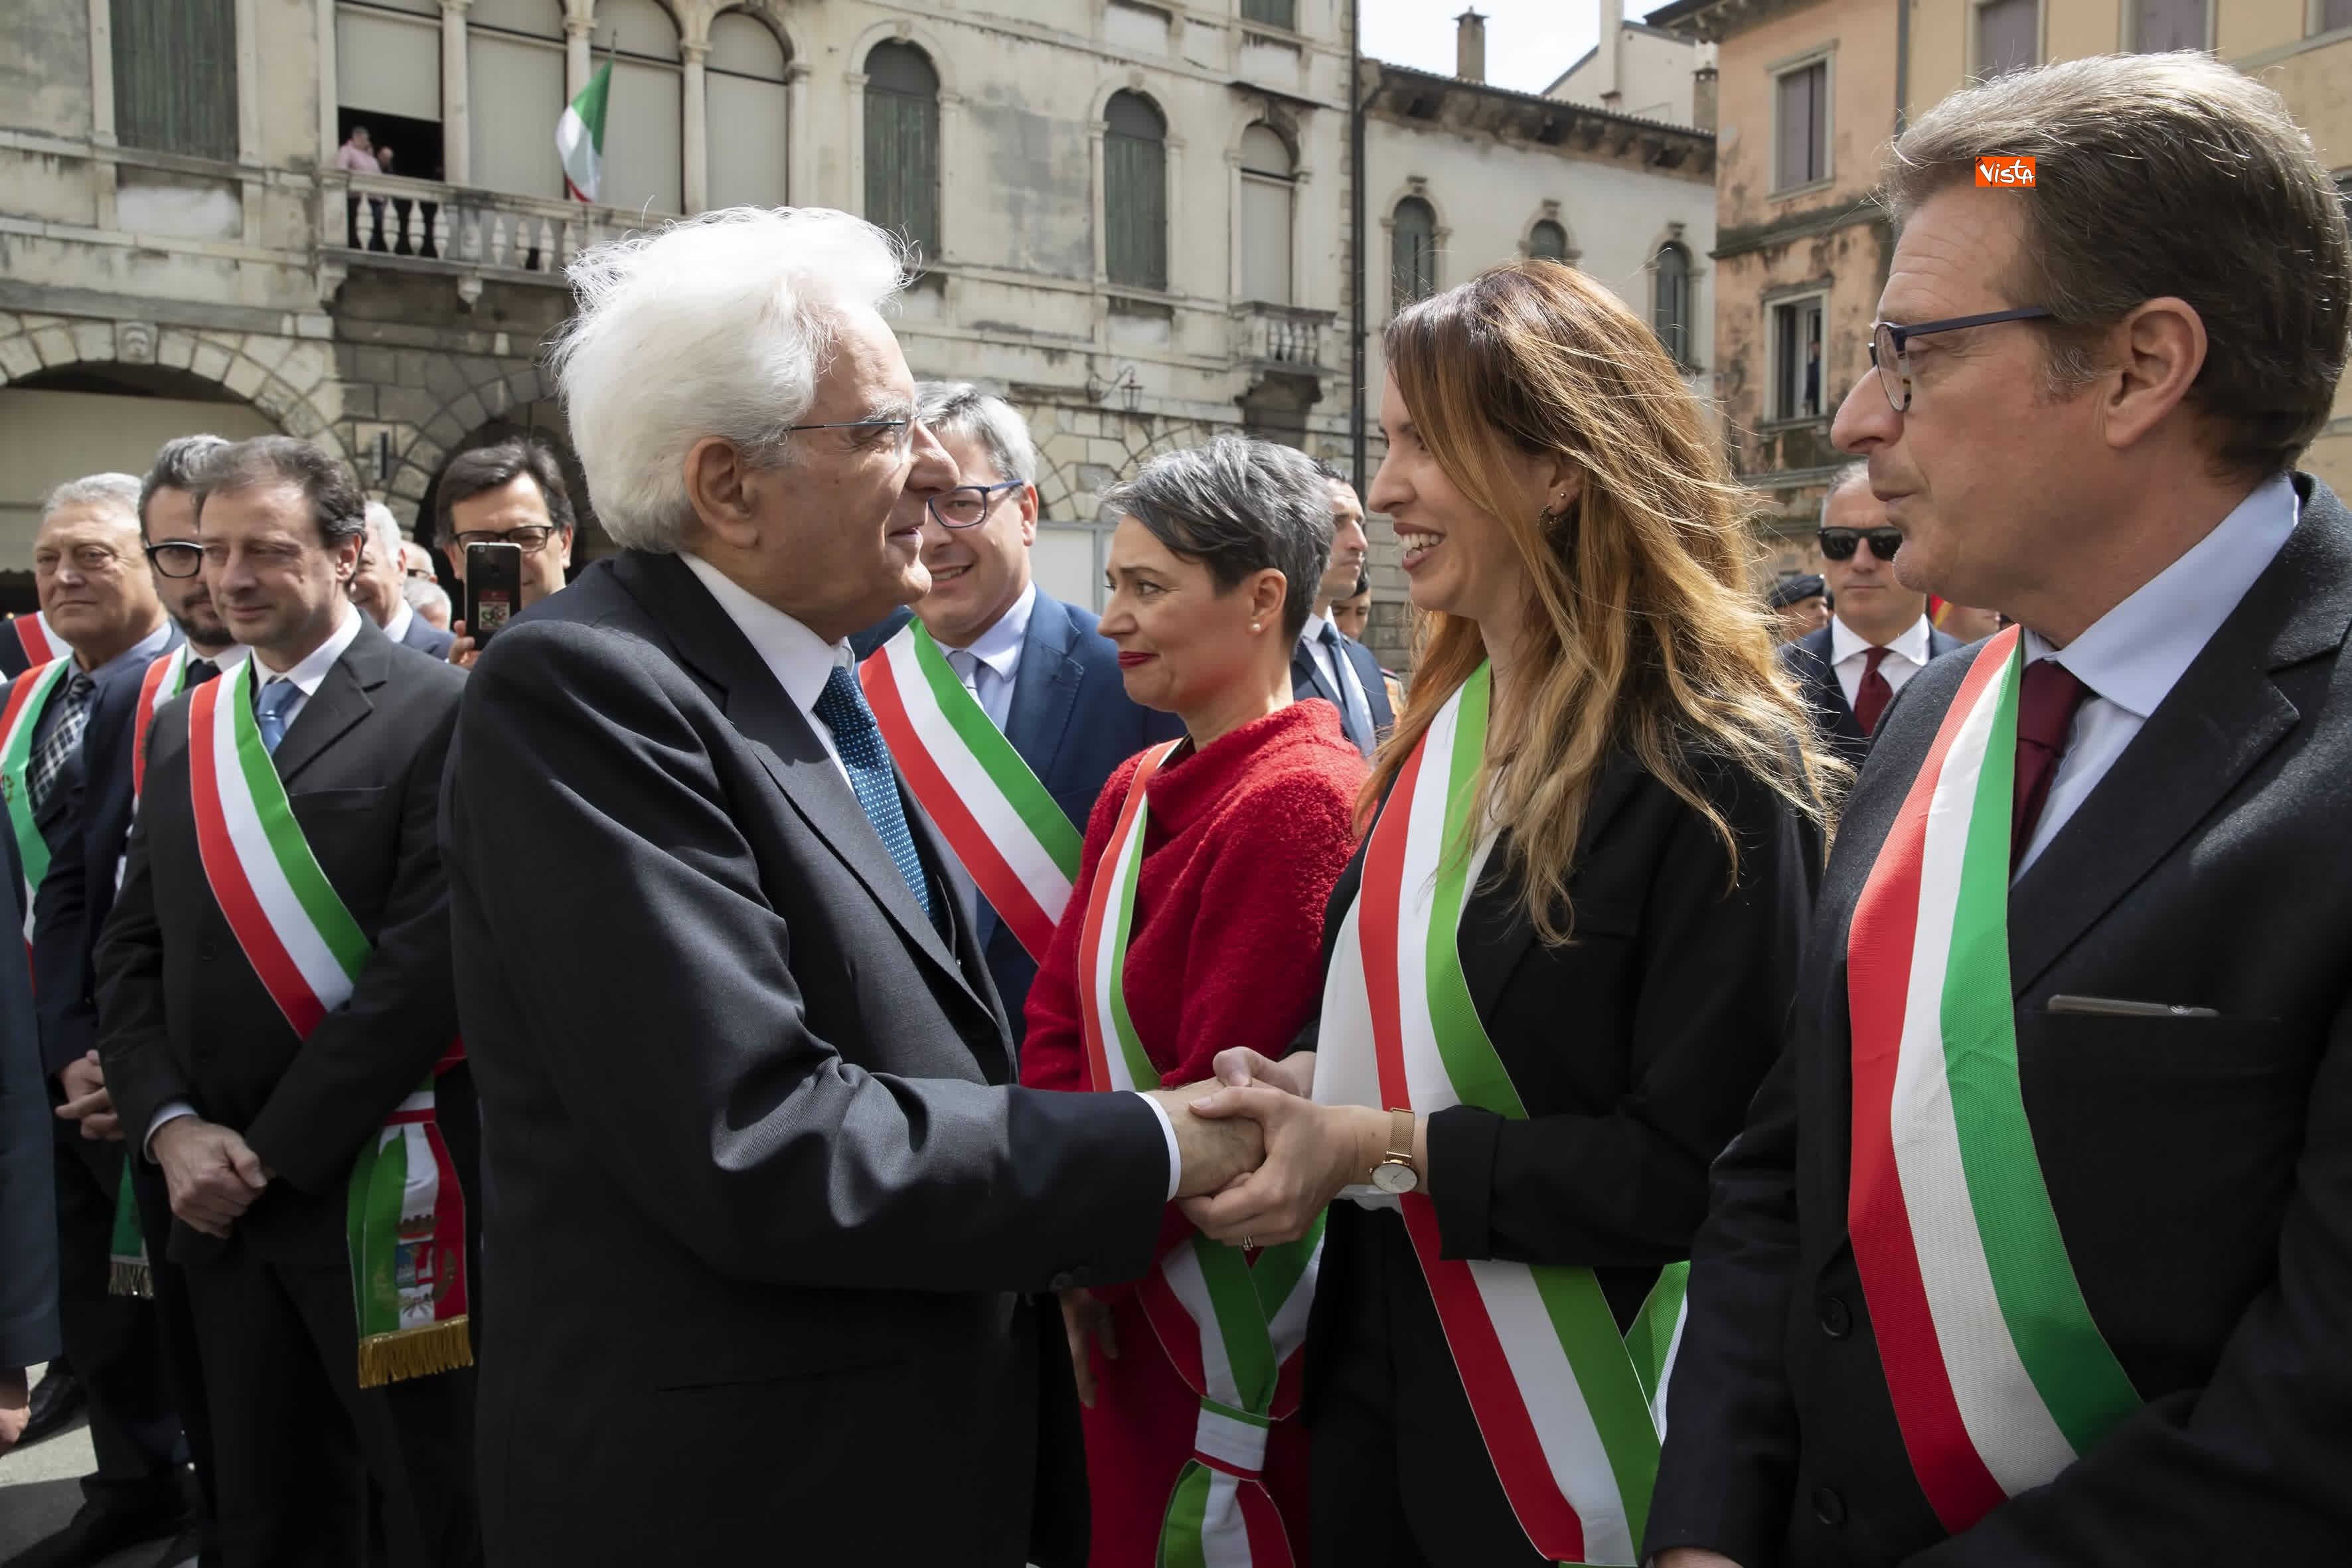 25-04-19 25 Aprile, Mattarella alla Cerimonia in occasione del 74 Anniversario della Liberazione a Vittorio Veneto_12